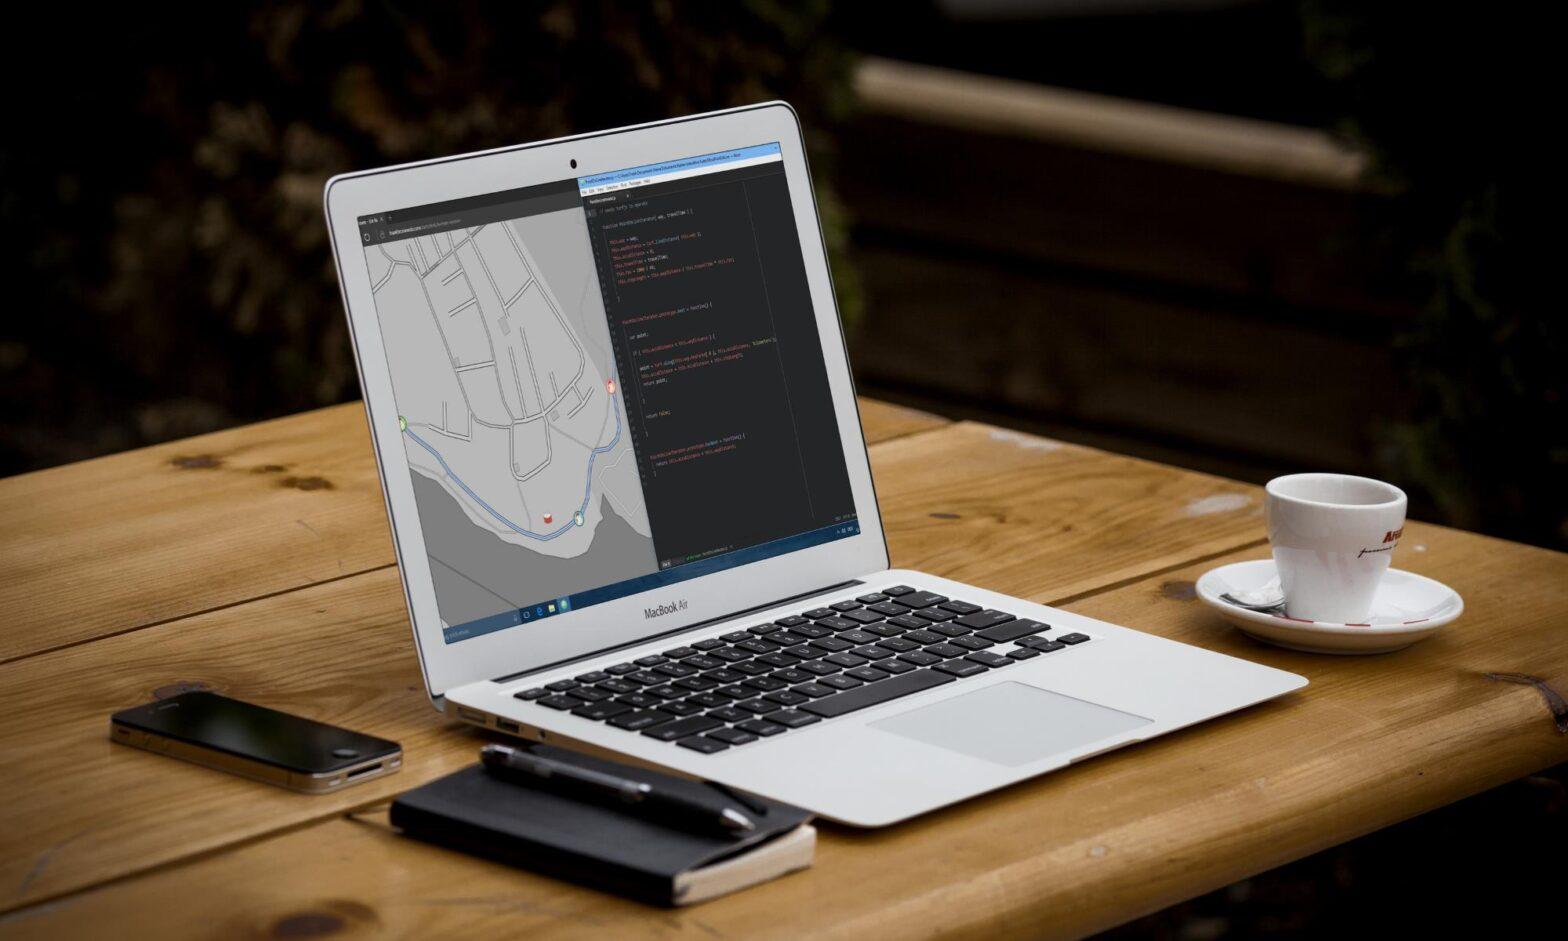 Macbook mit Atom Editor und Karte im Edge-Browser